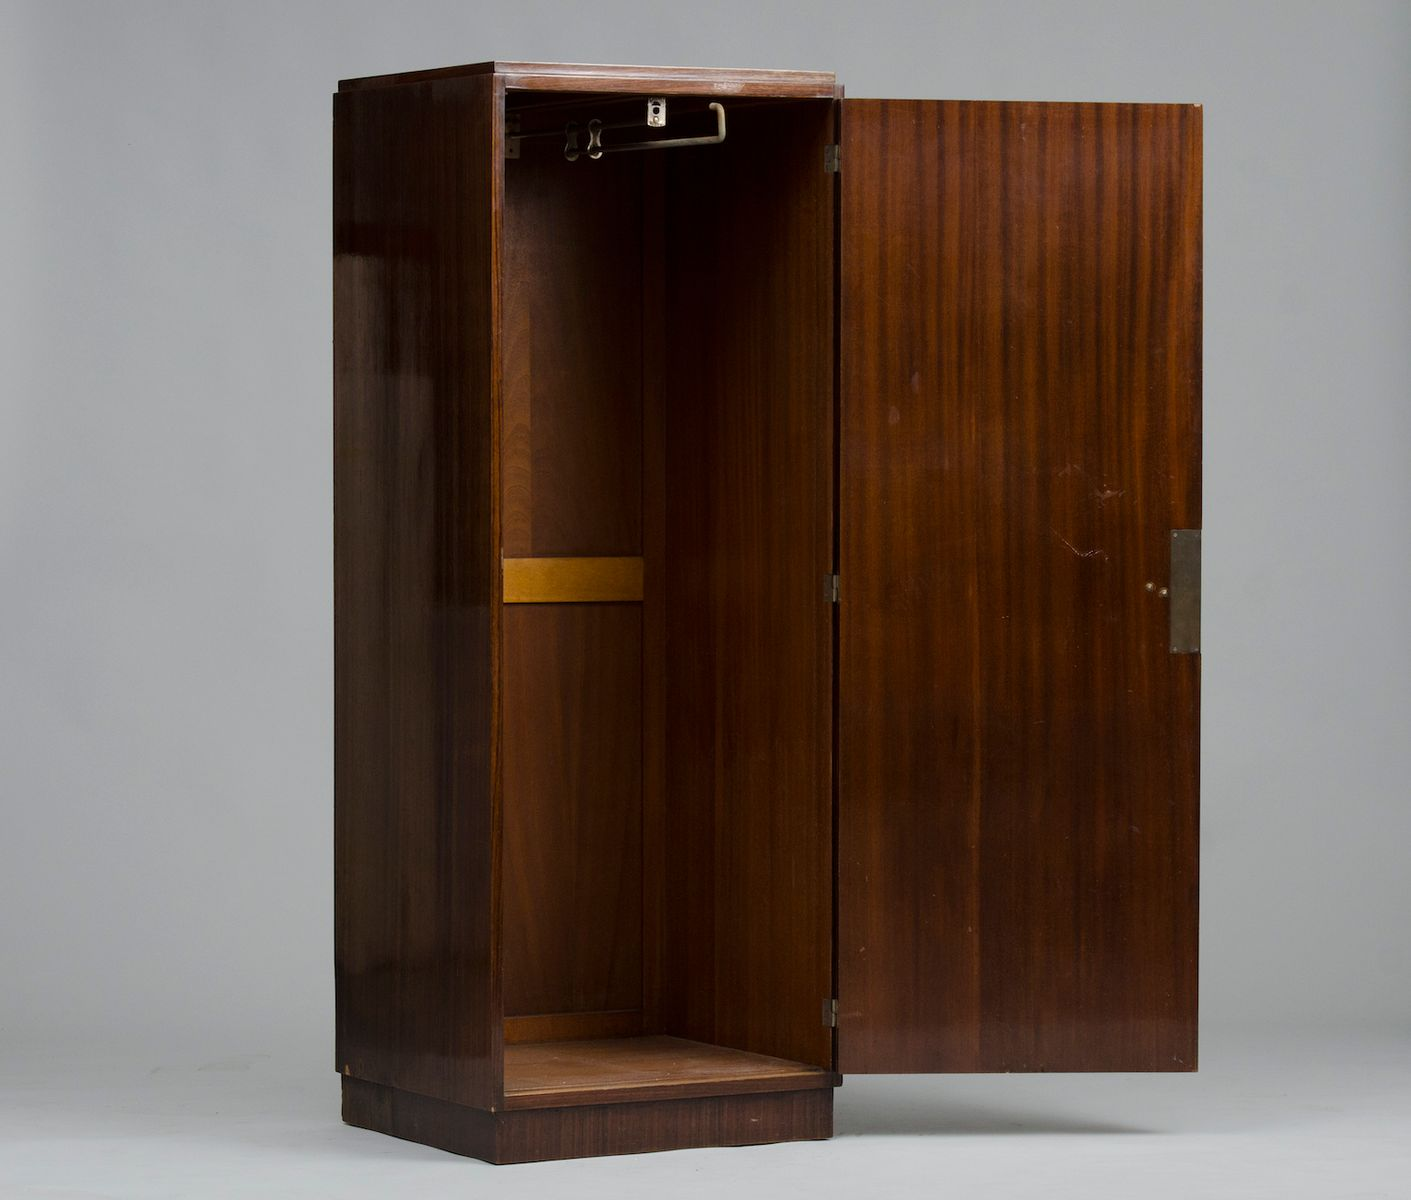 kleiner art deco kleiderschrank bei pamono kaufen. Black Bedroom Furniture Sets. Home Design Ideas